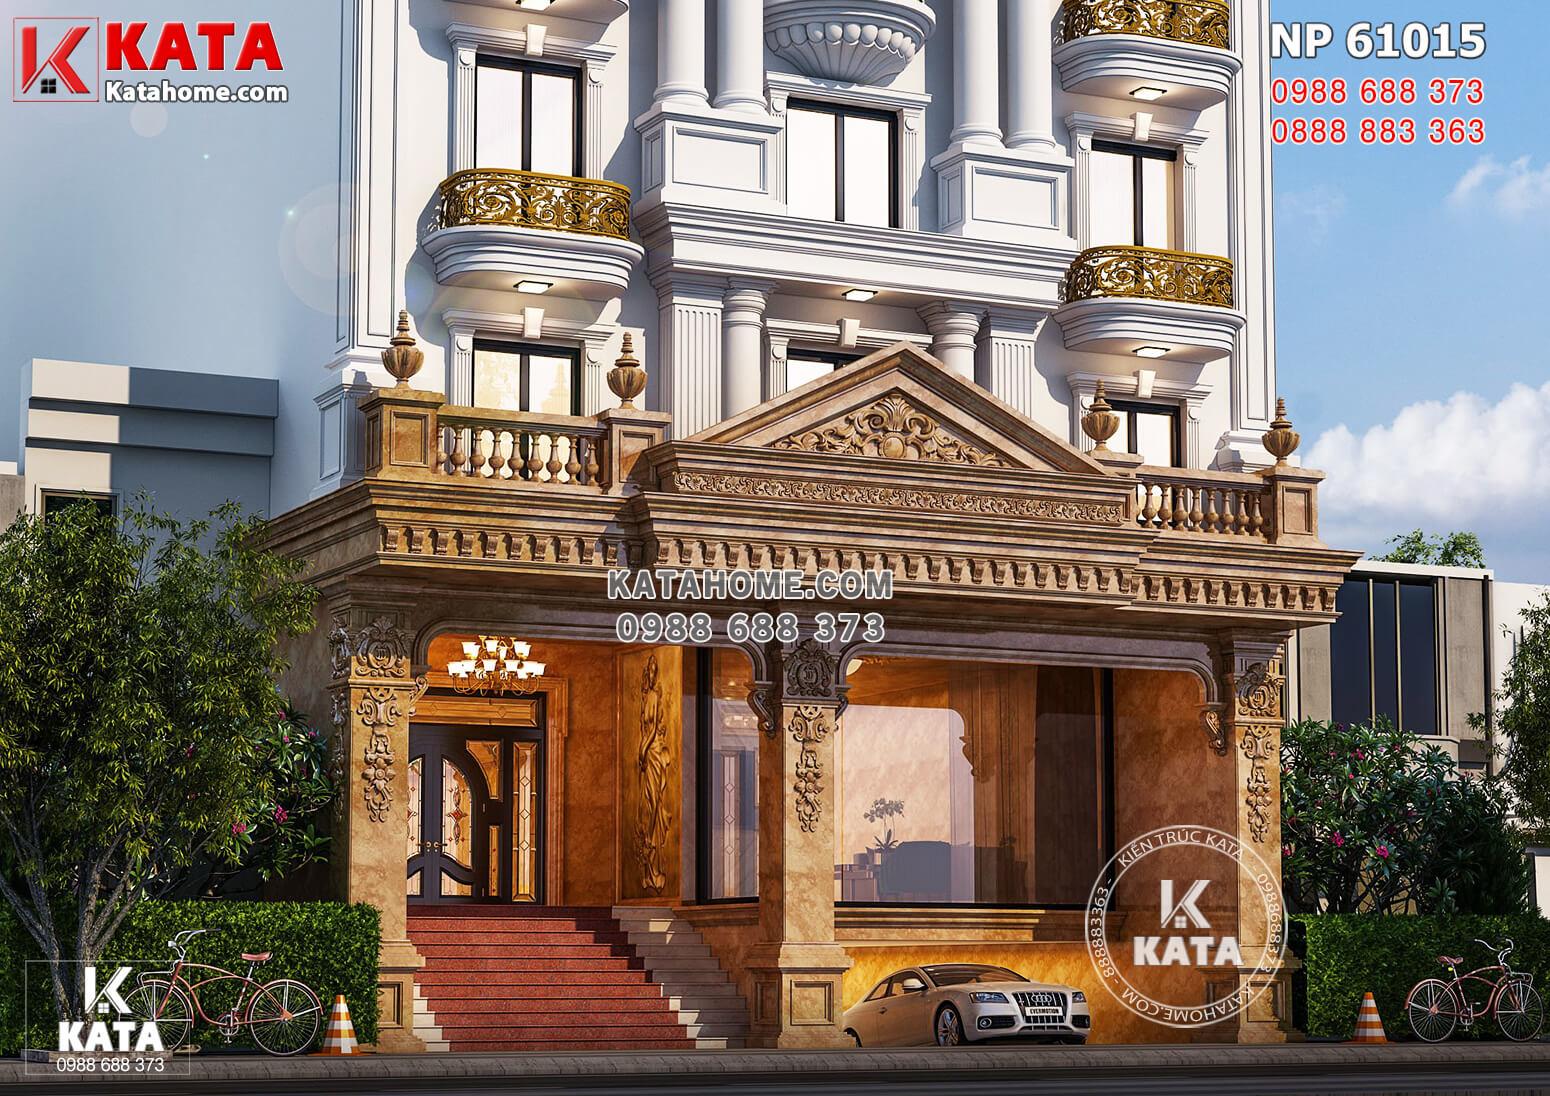 Cận cảnh chi tiết sảnh ốp đá hoàng gia cao cấp mẫu thiết kế nhà phố kiến trúc Pháp đẹp sang trọng